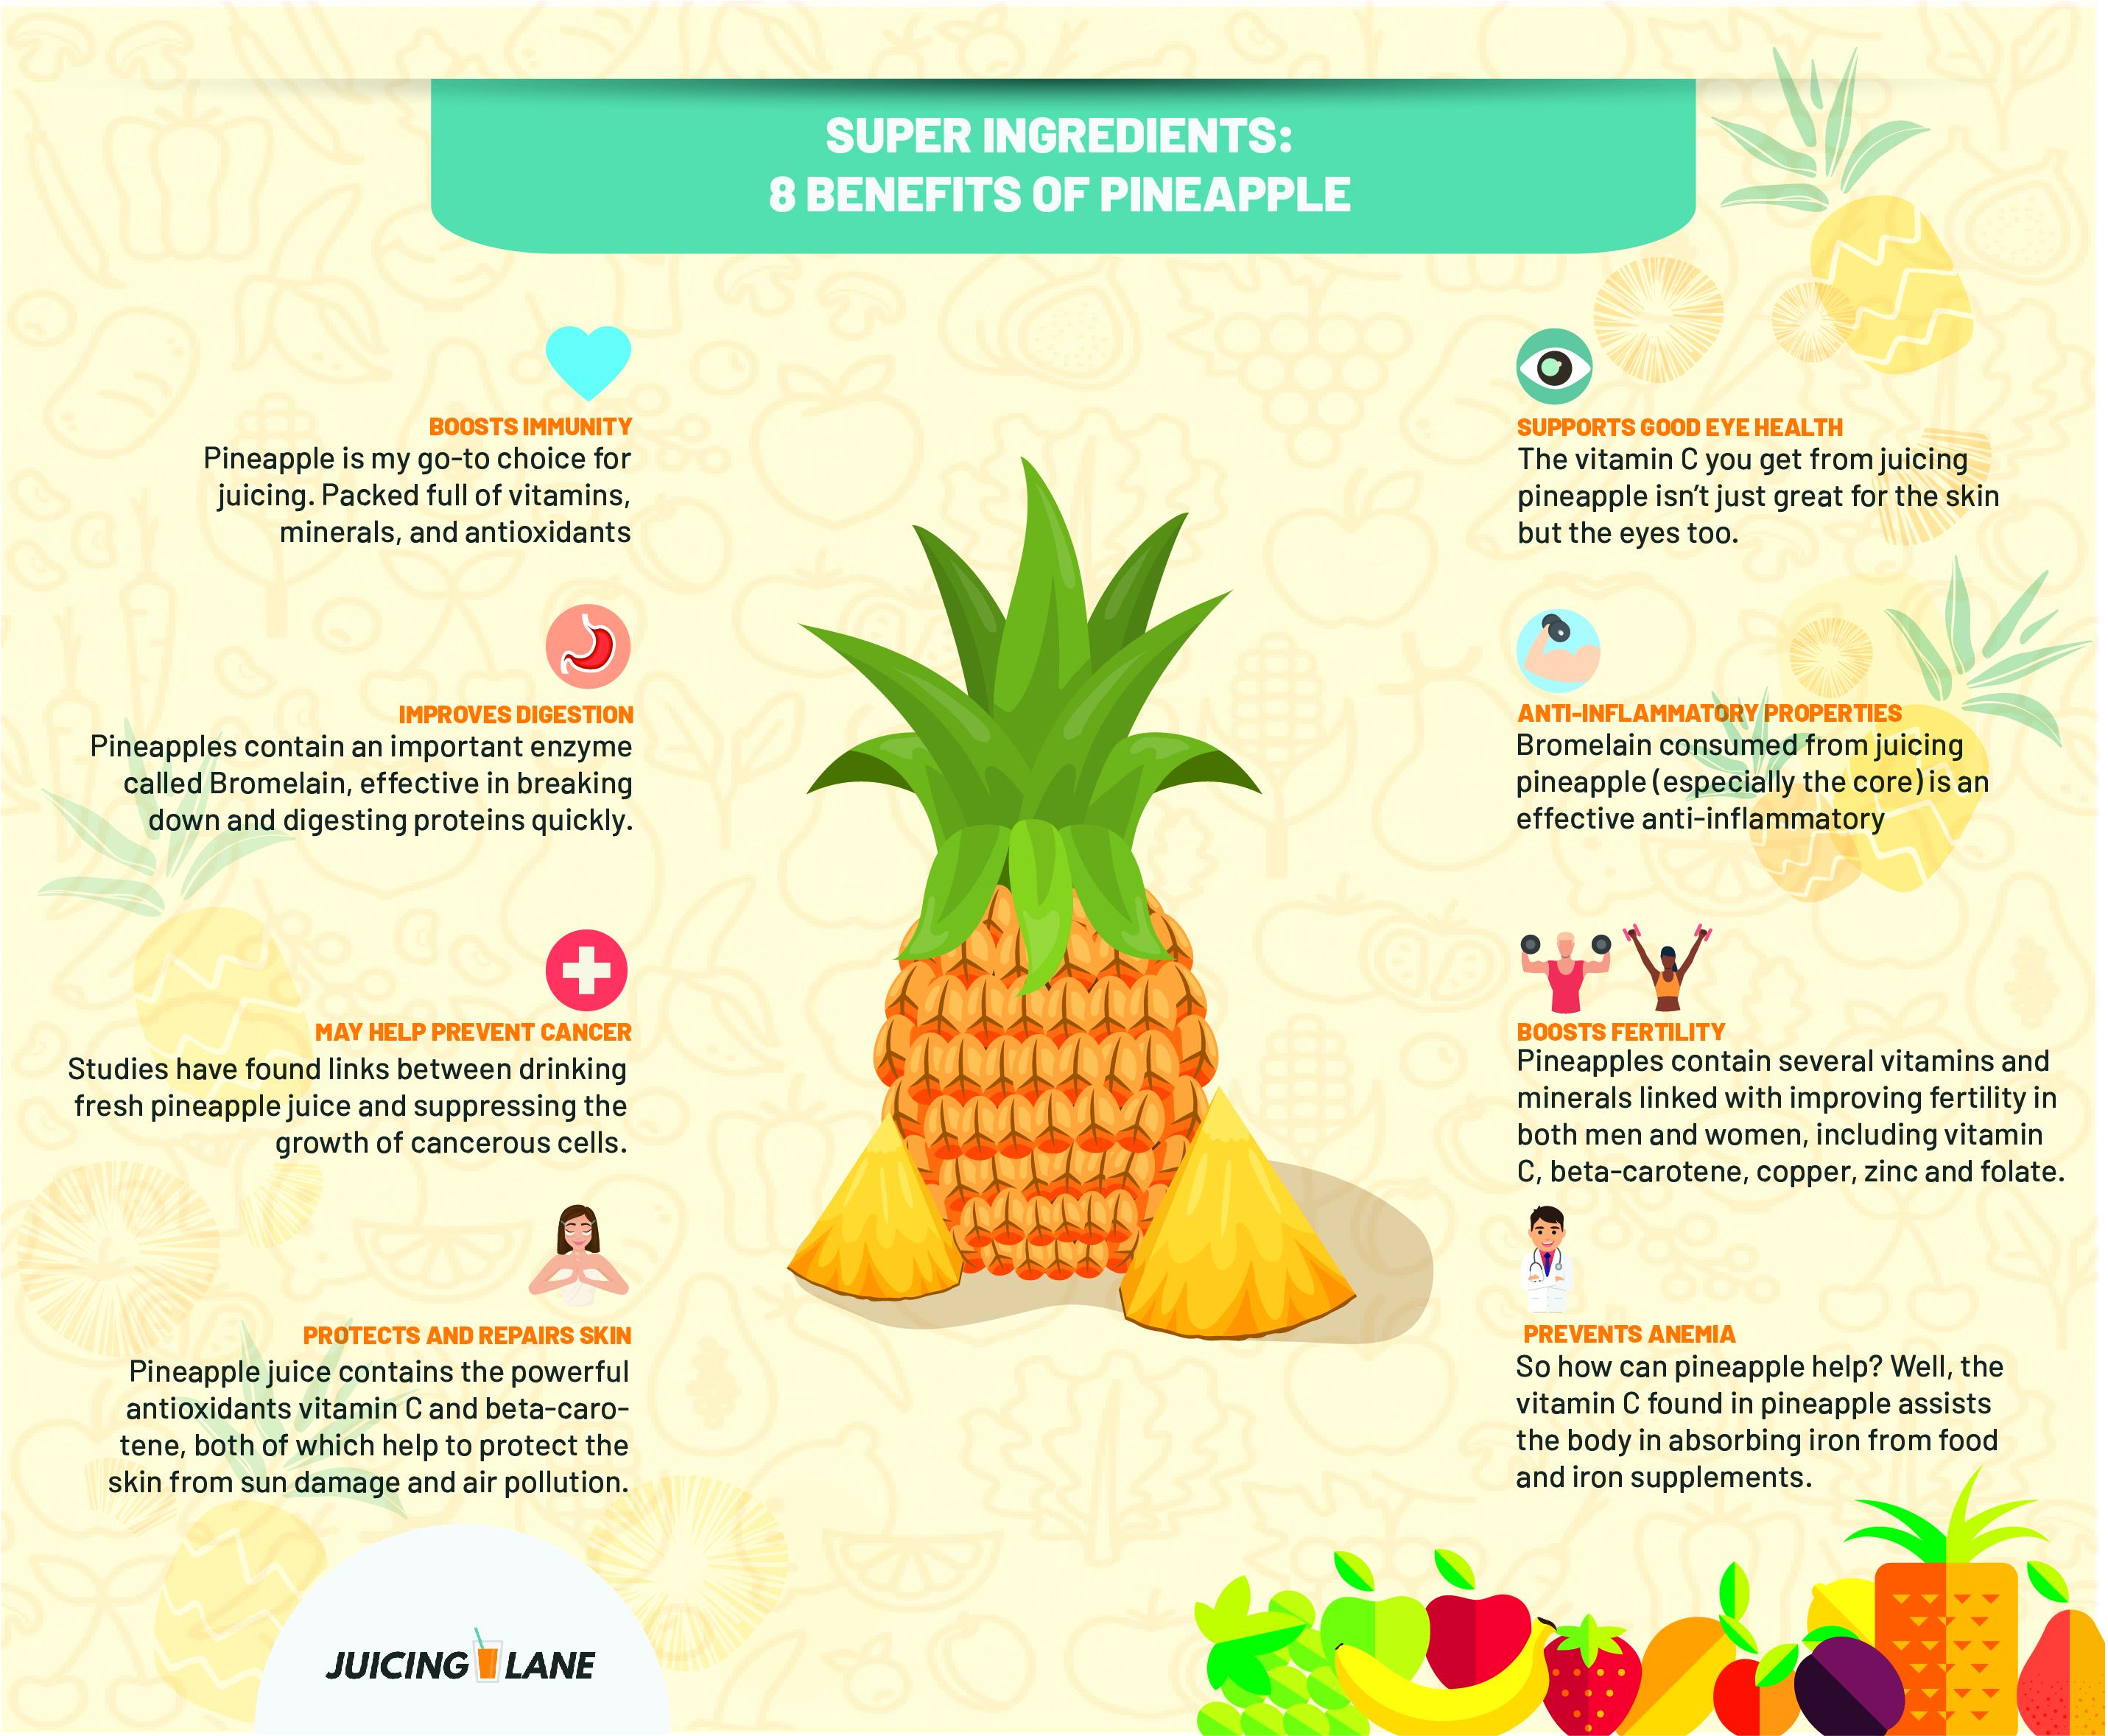 Super Ingredients: 8 Benefits Of Juicing Pineapple